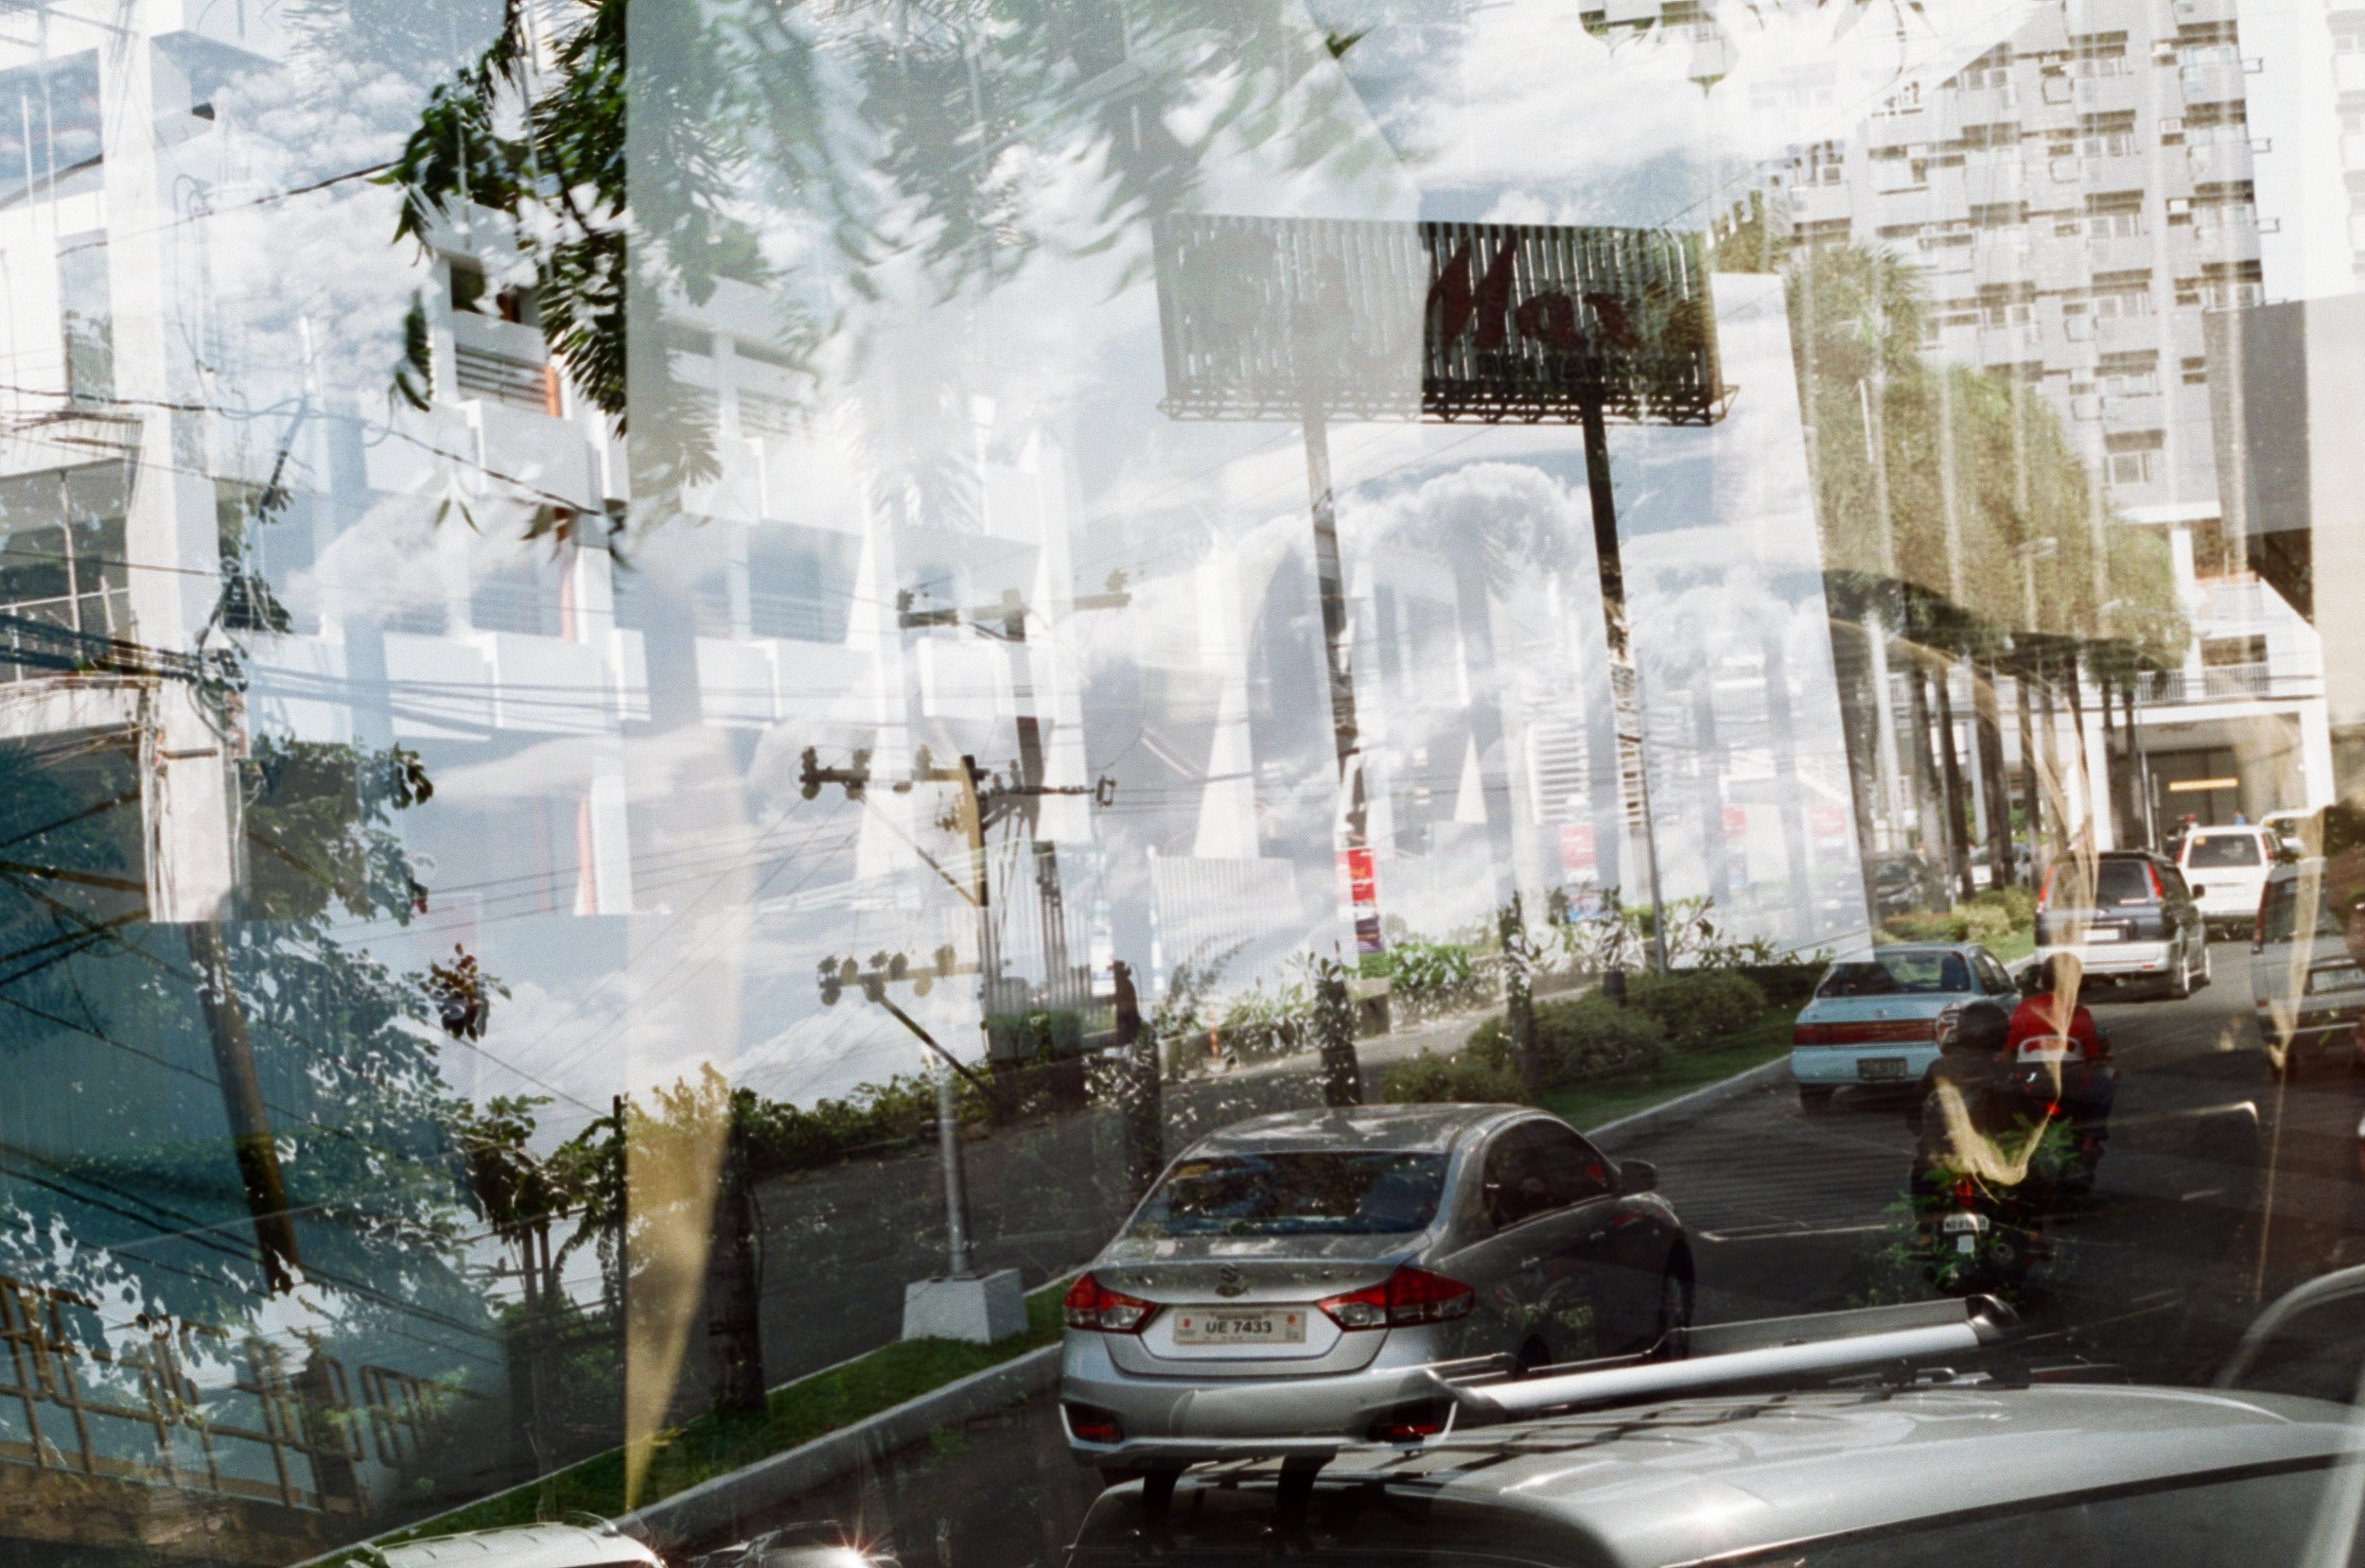 Concrete Jungle | Canon Ftb | Superia | Angeldyn Biñas